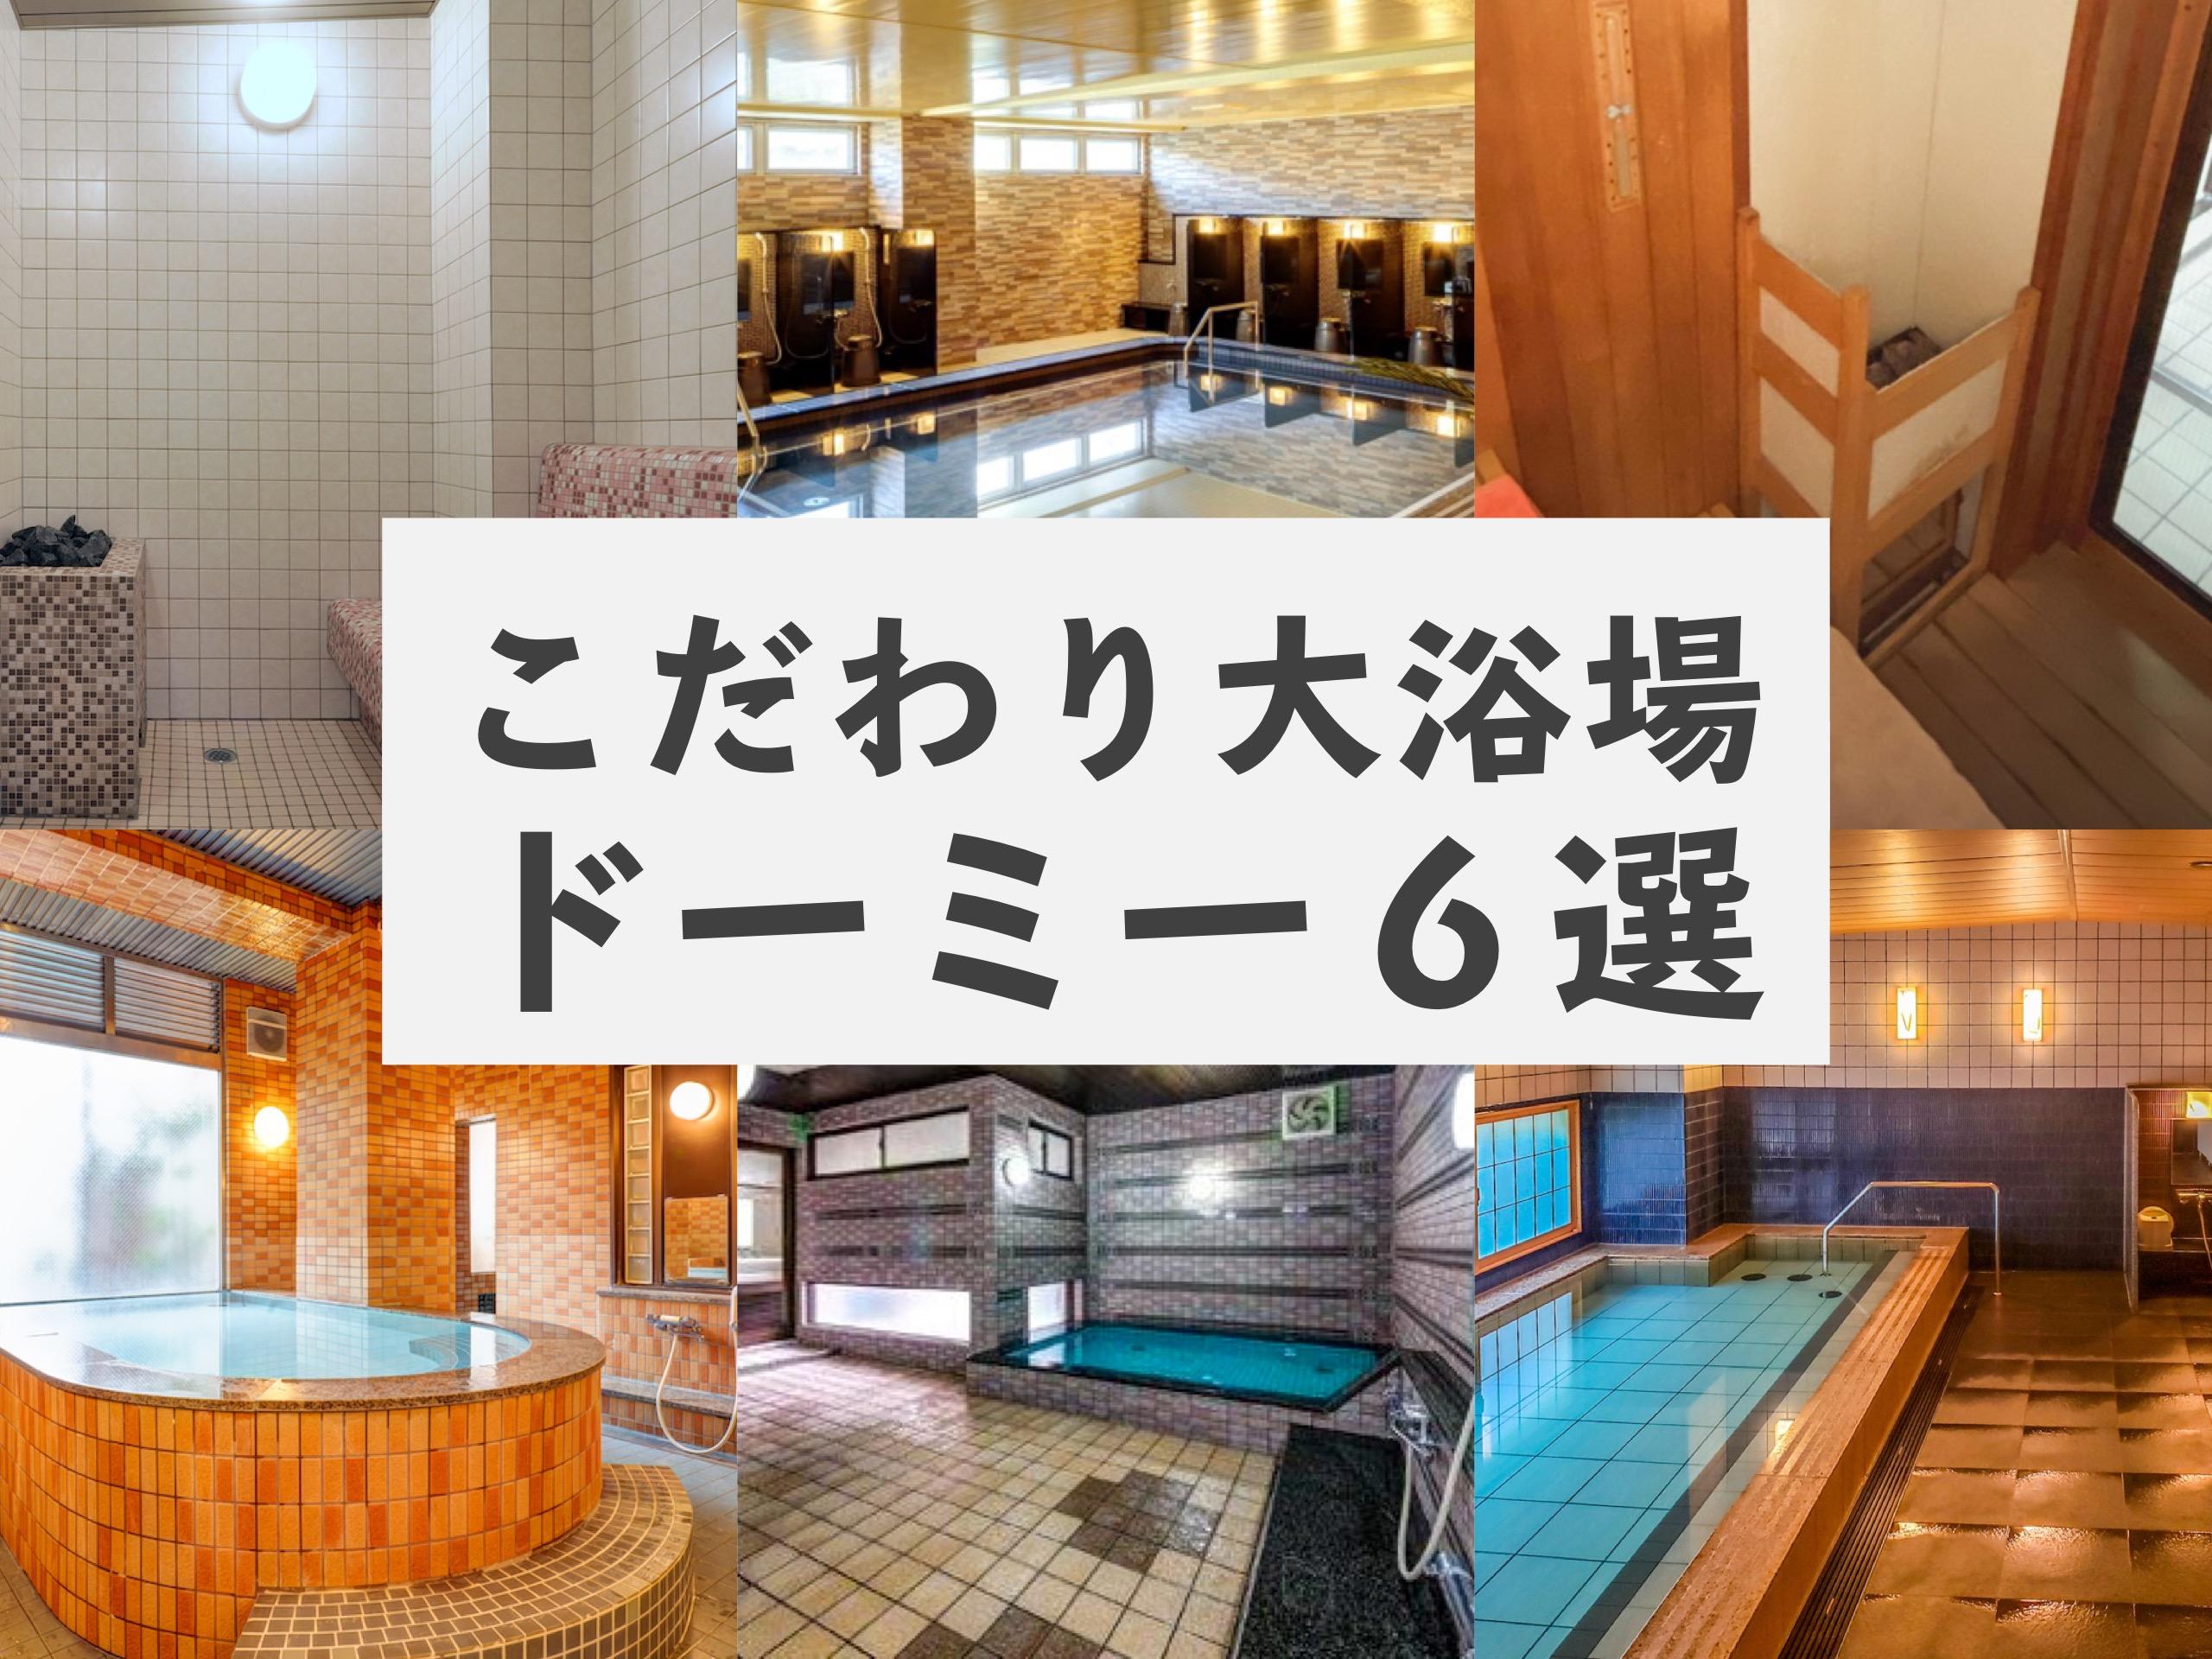 温泉気分で毎日リラックスできる♪こだわり大浴場のドーミー6選